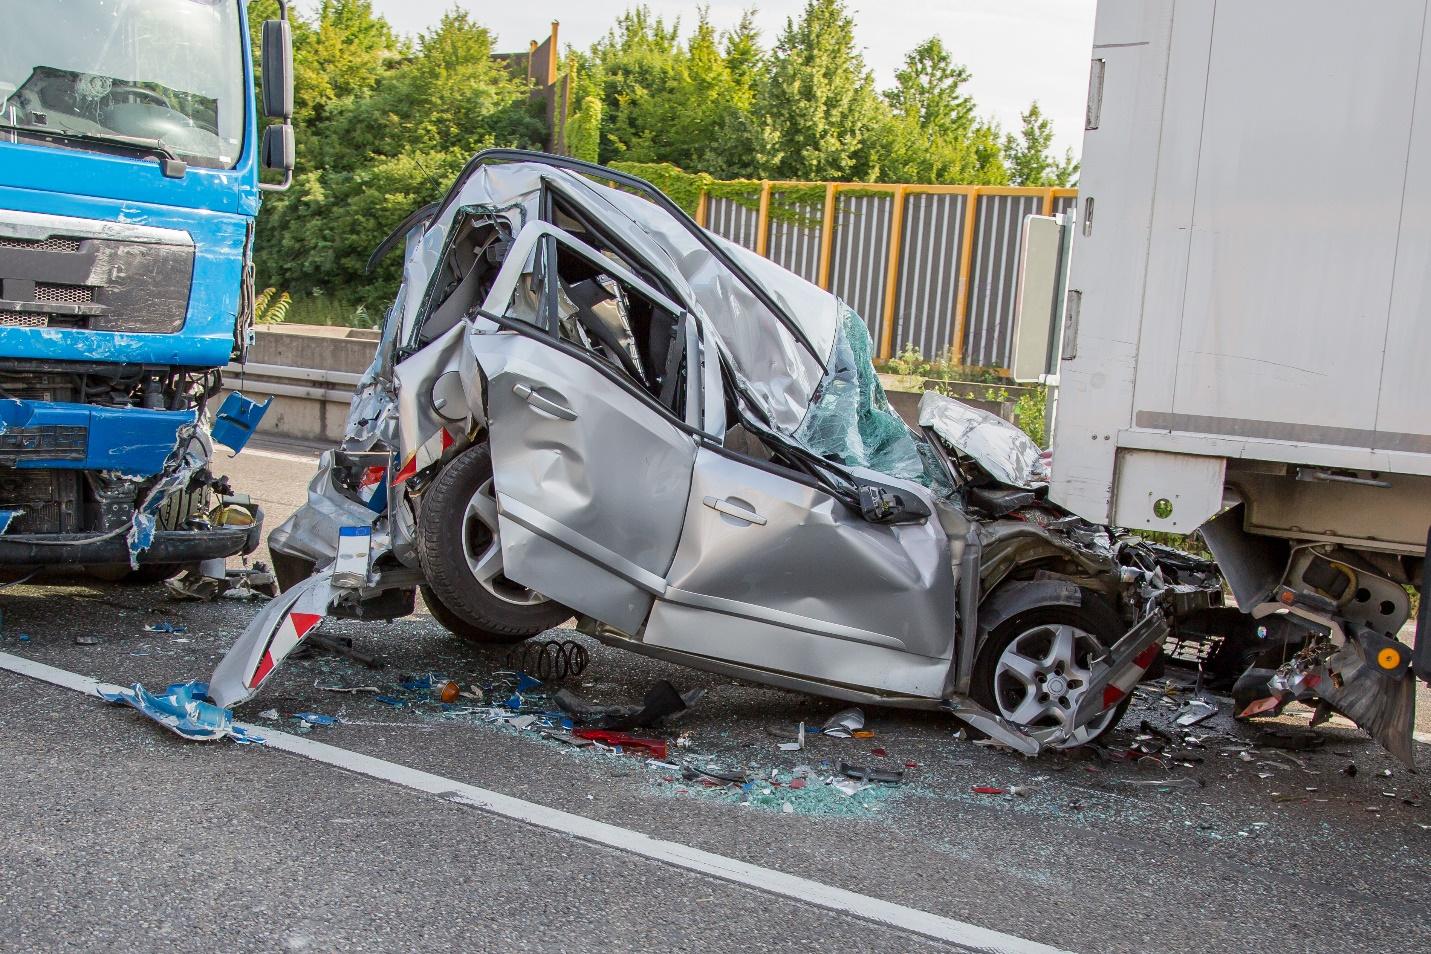 रोहतास-भीषण सड़क हादसे में दो की मौत तीन घायल, कार घुस गई ट्रक के नीचे